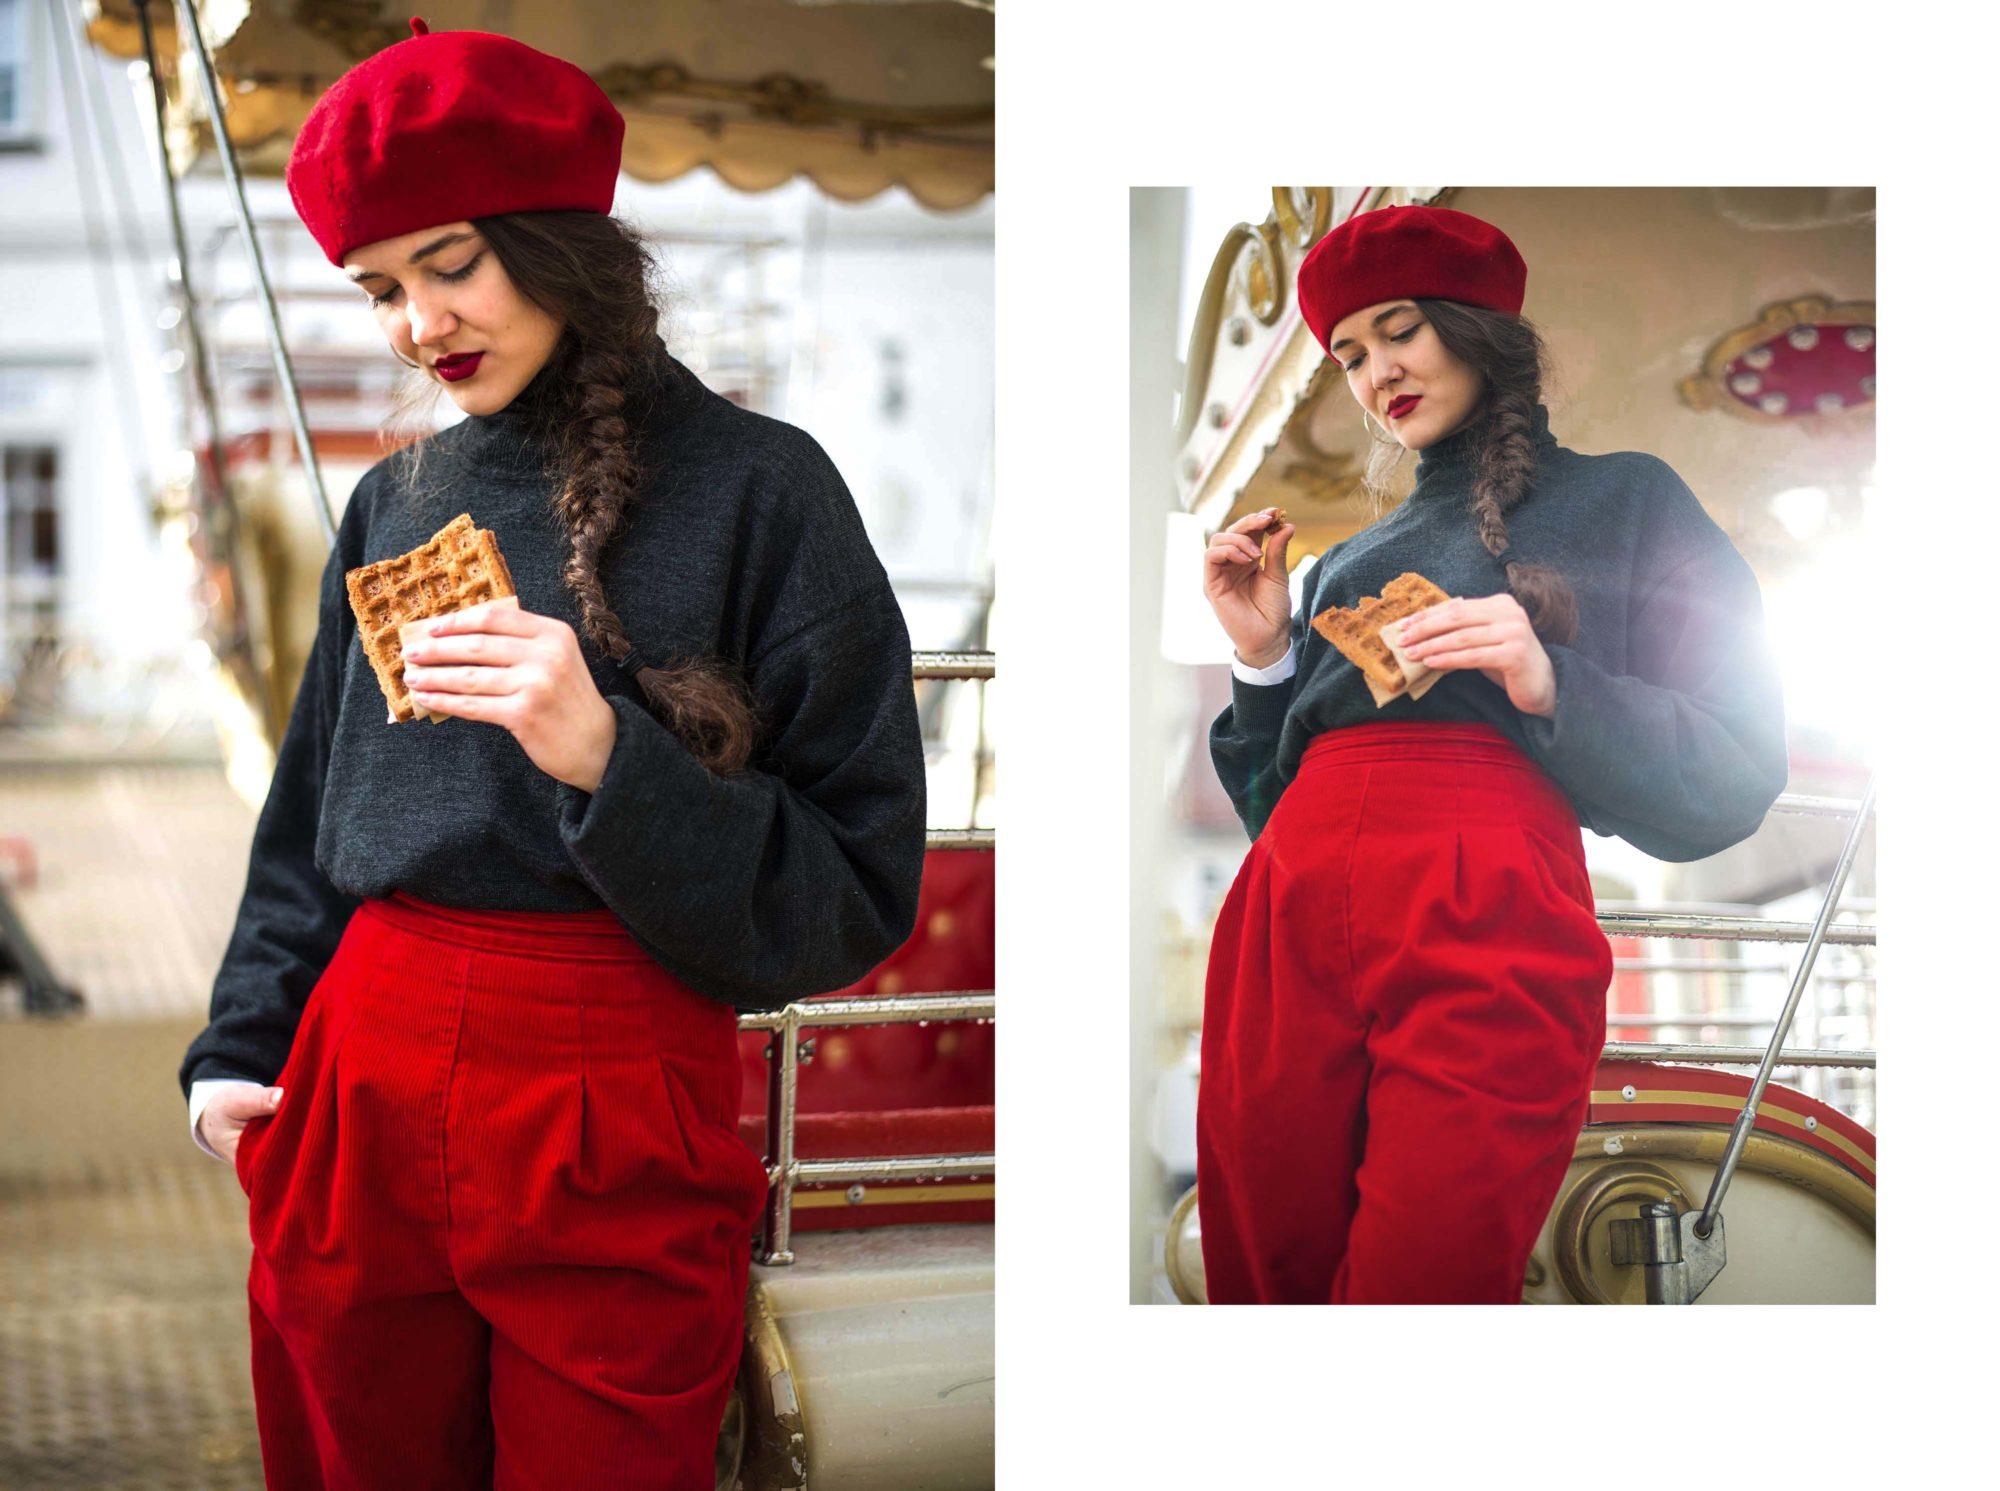 Weihnachten Outfit Inspiration Vintage Fashion Mode Retro Graz Dogdays of Summer Vintage Steiermark Österreich